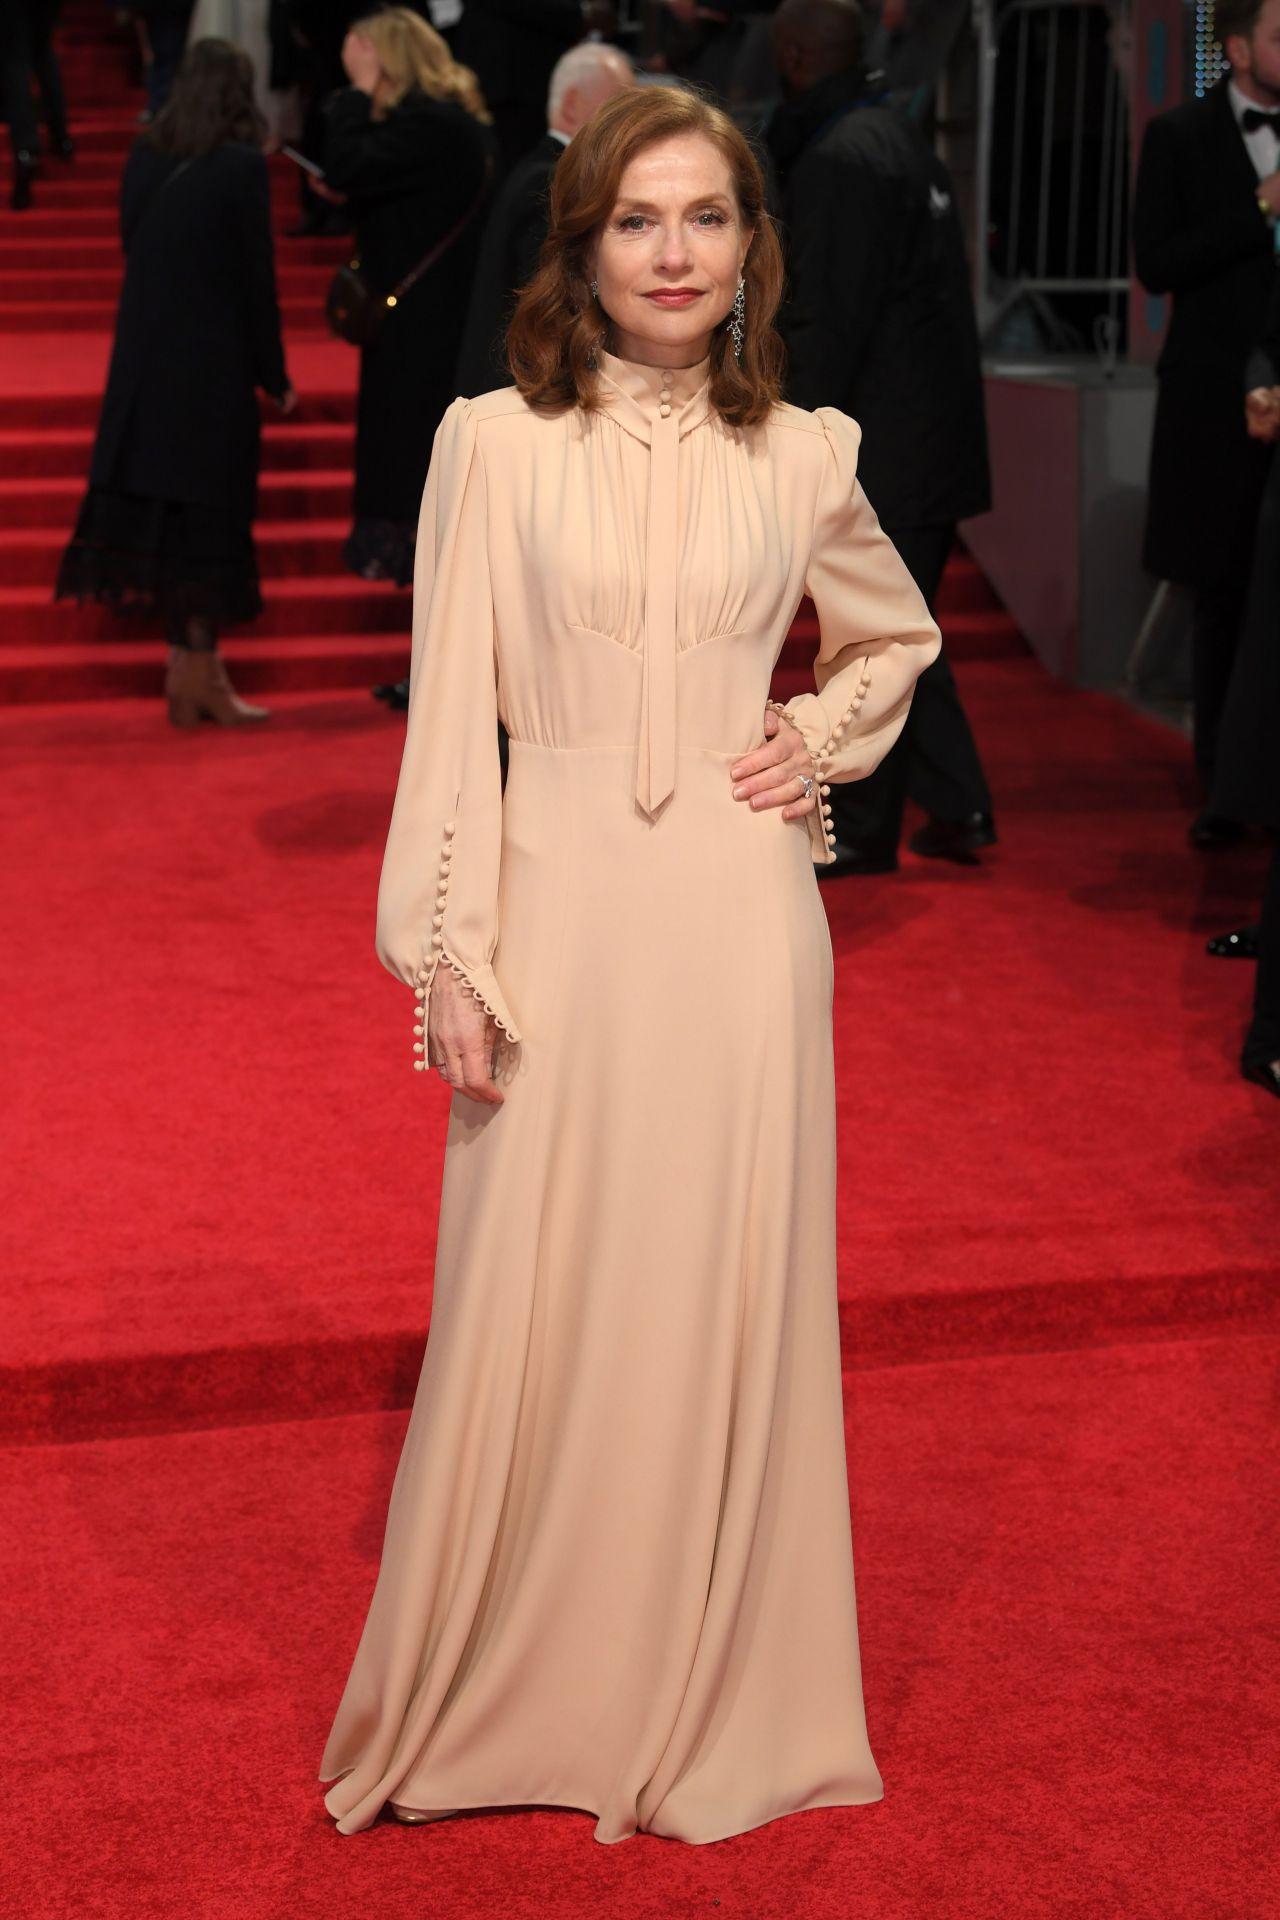 Isabelle Huppert at BAFTA Awards in London, UK 2/12/ 2017